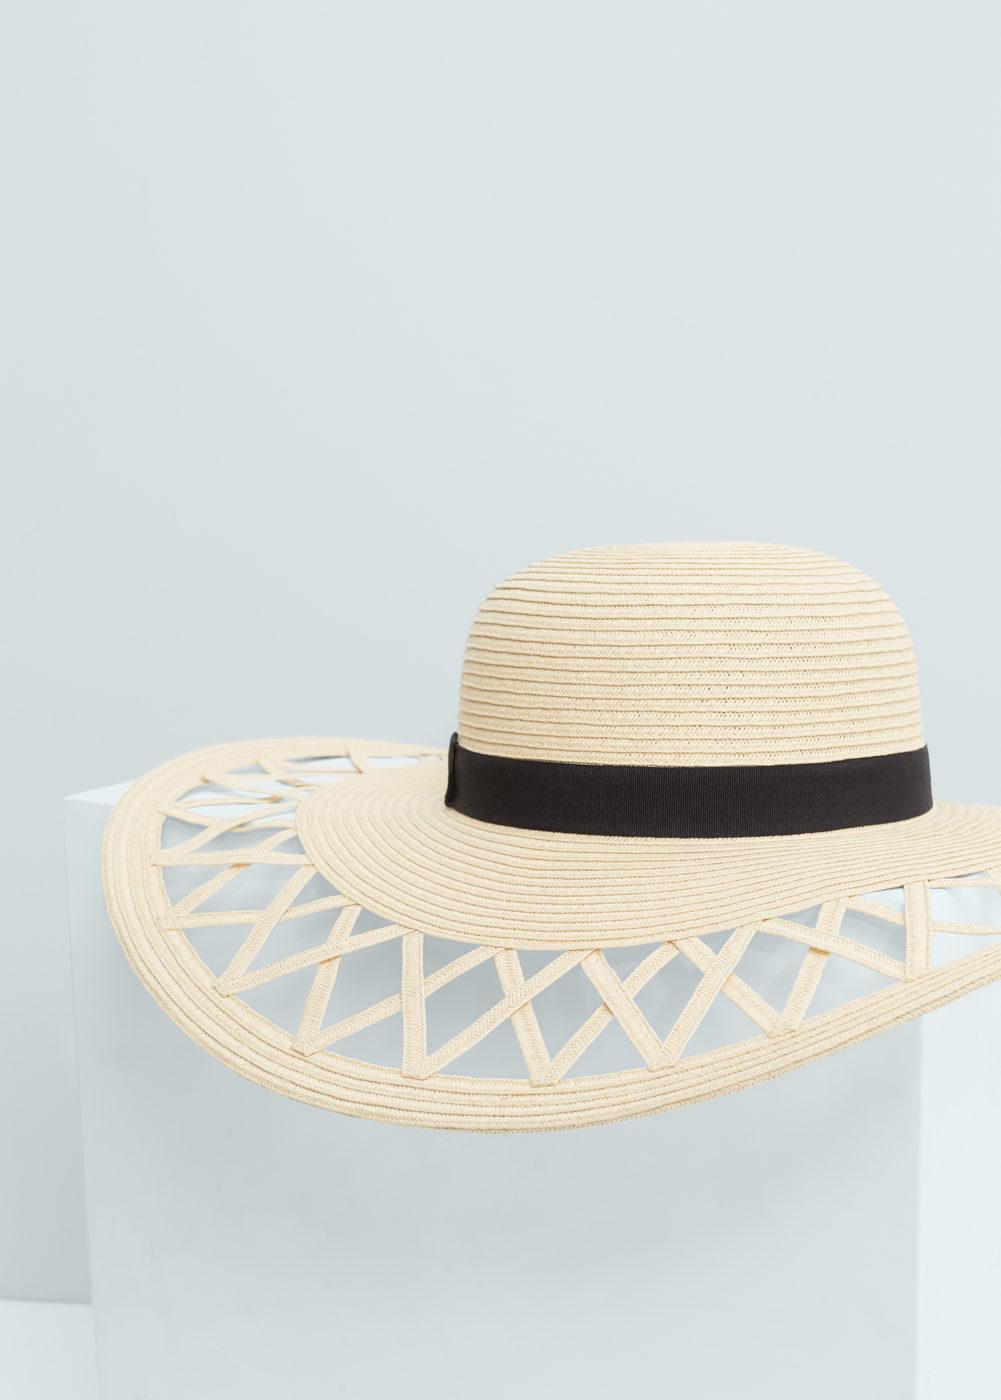 Mango Straw Pamela Hat, $45